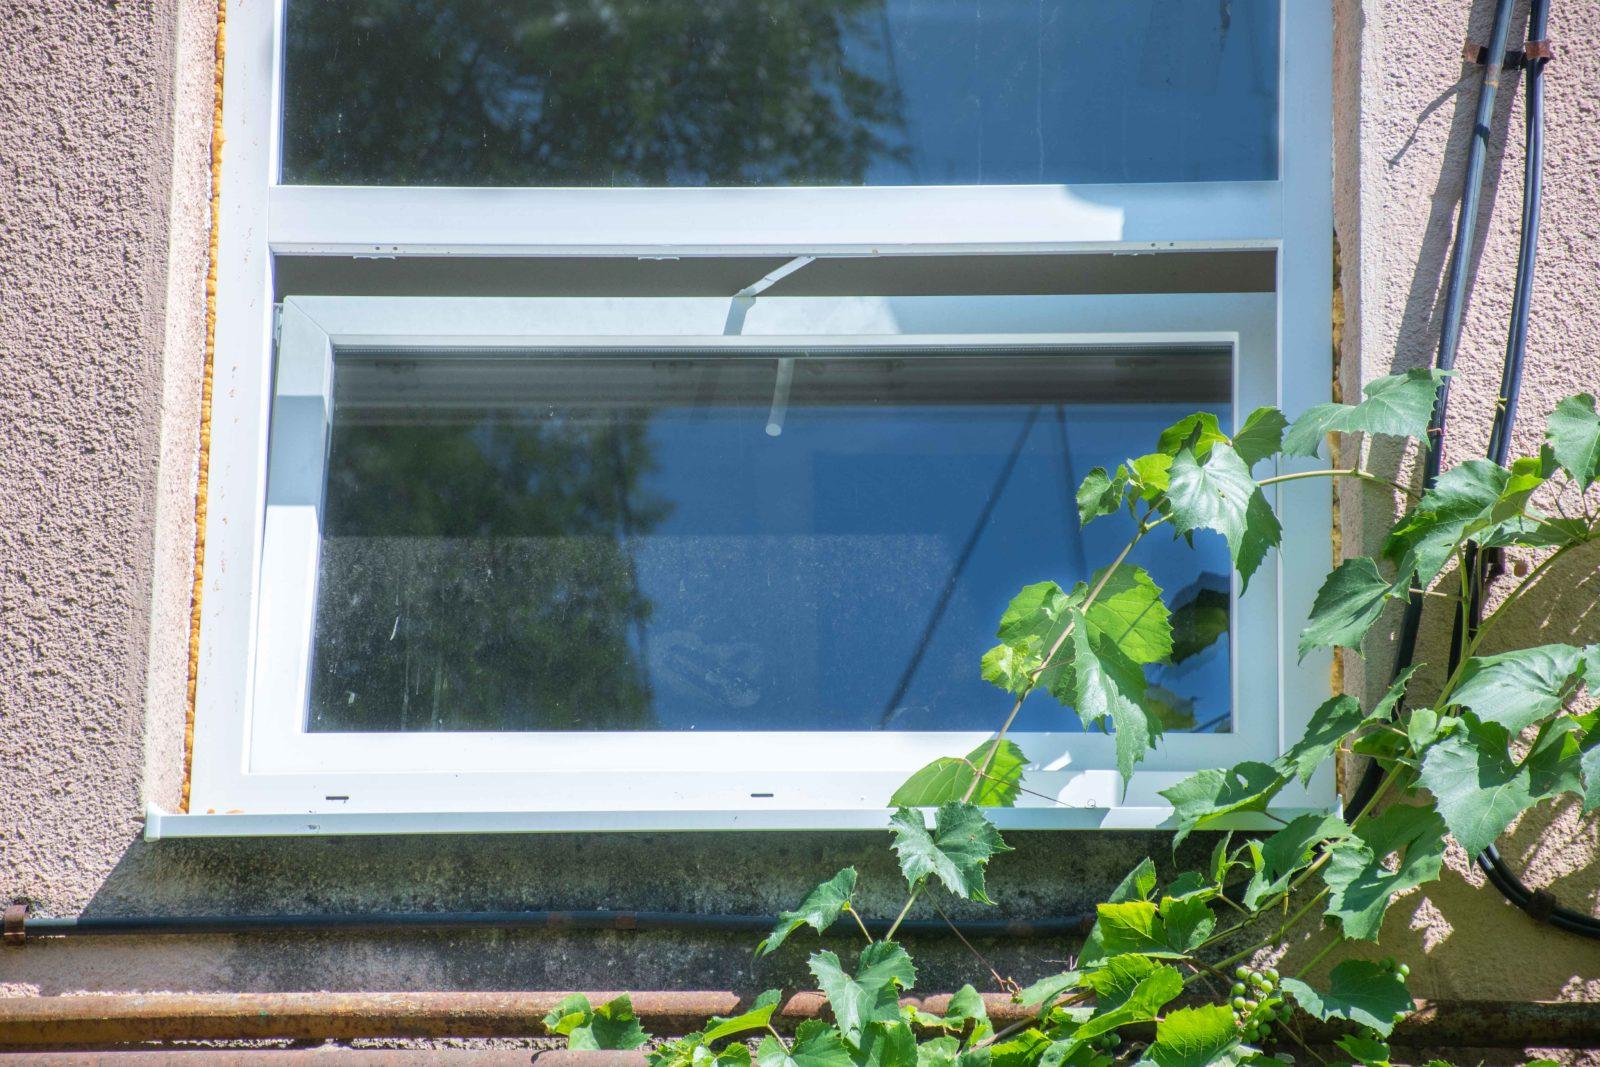 У трьох багатоквартирних будинках у Франківську замінюють вікна за програмою співфінансування 6